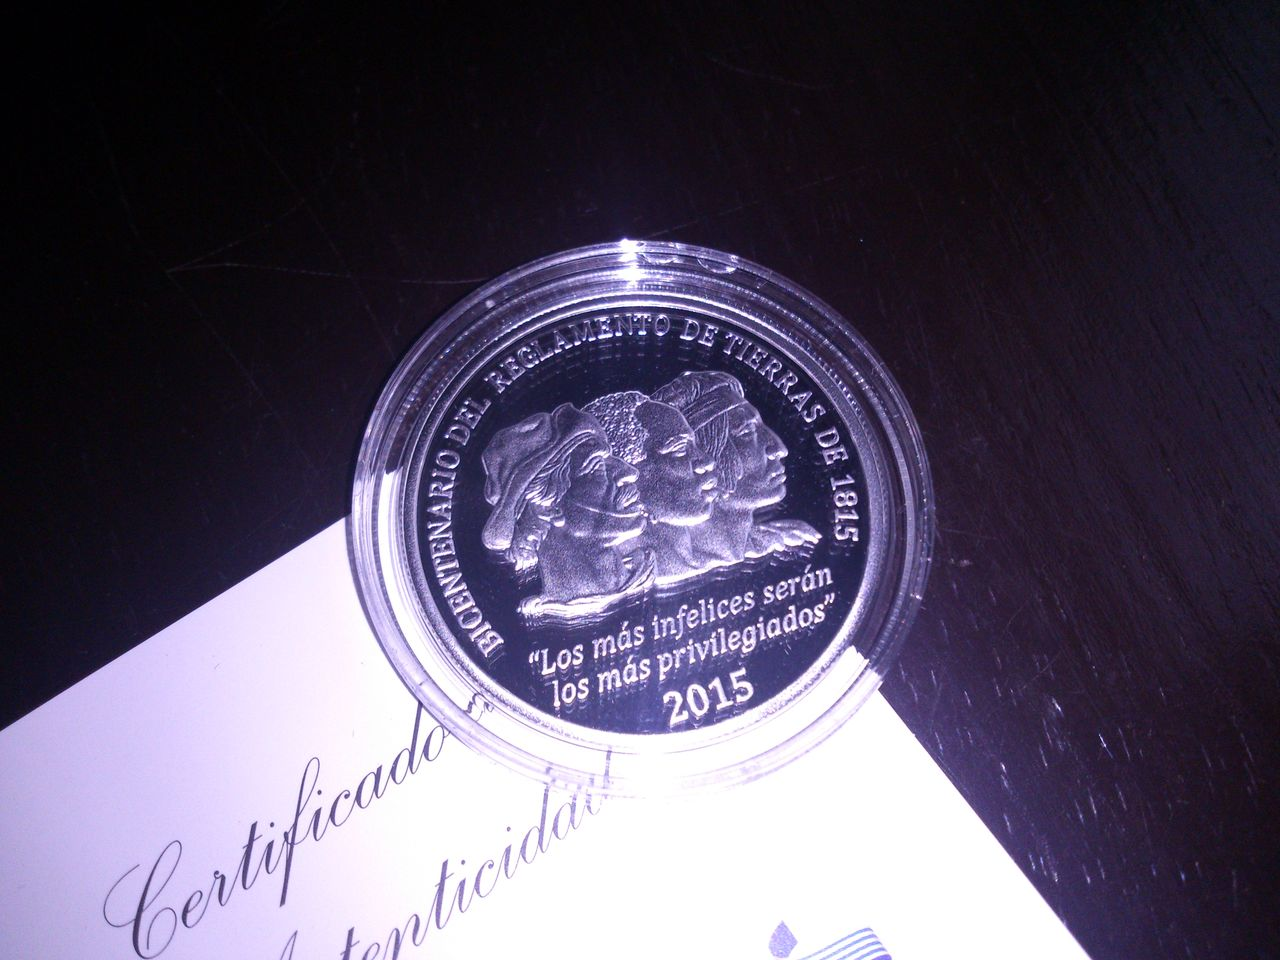 Monedas conmemorativas de Uruguay acuñadas en plata 1961 - Presente. DSC_8958